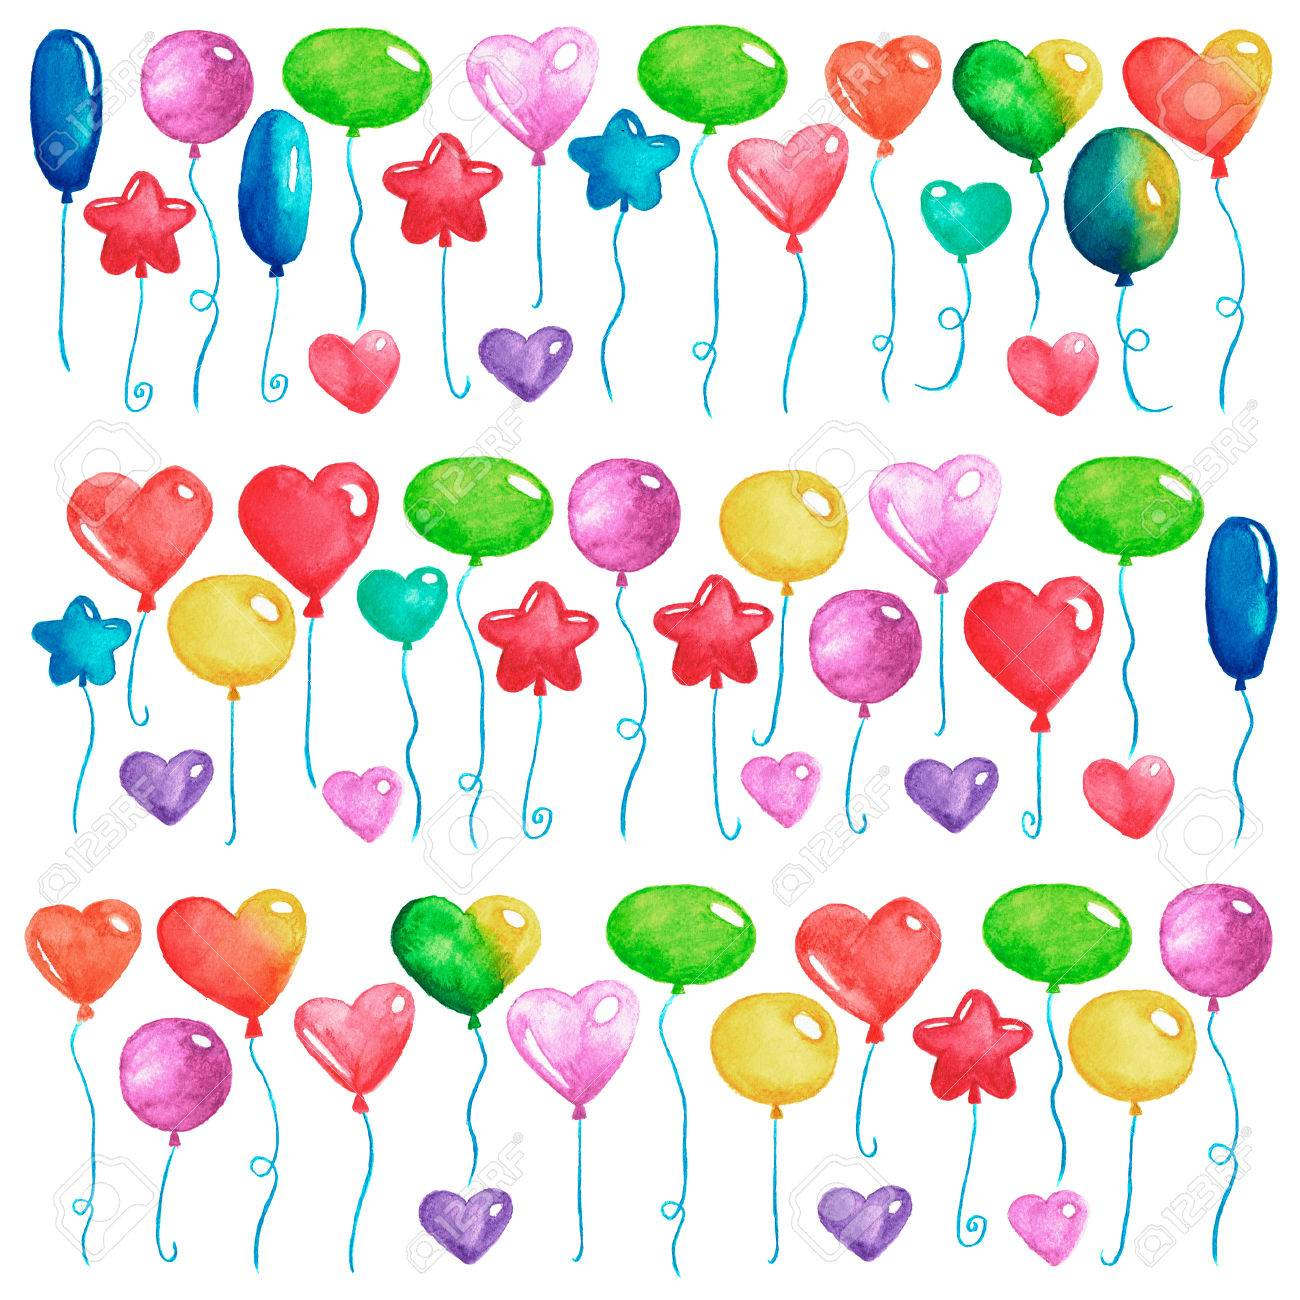 Alles Gute Zum Geburtstag Party Luftballons Bunte Luftballons Für